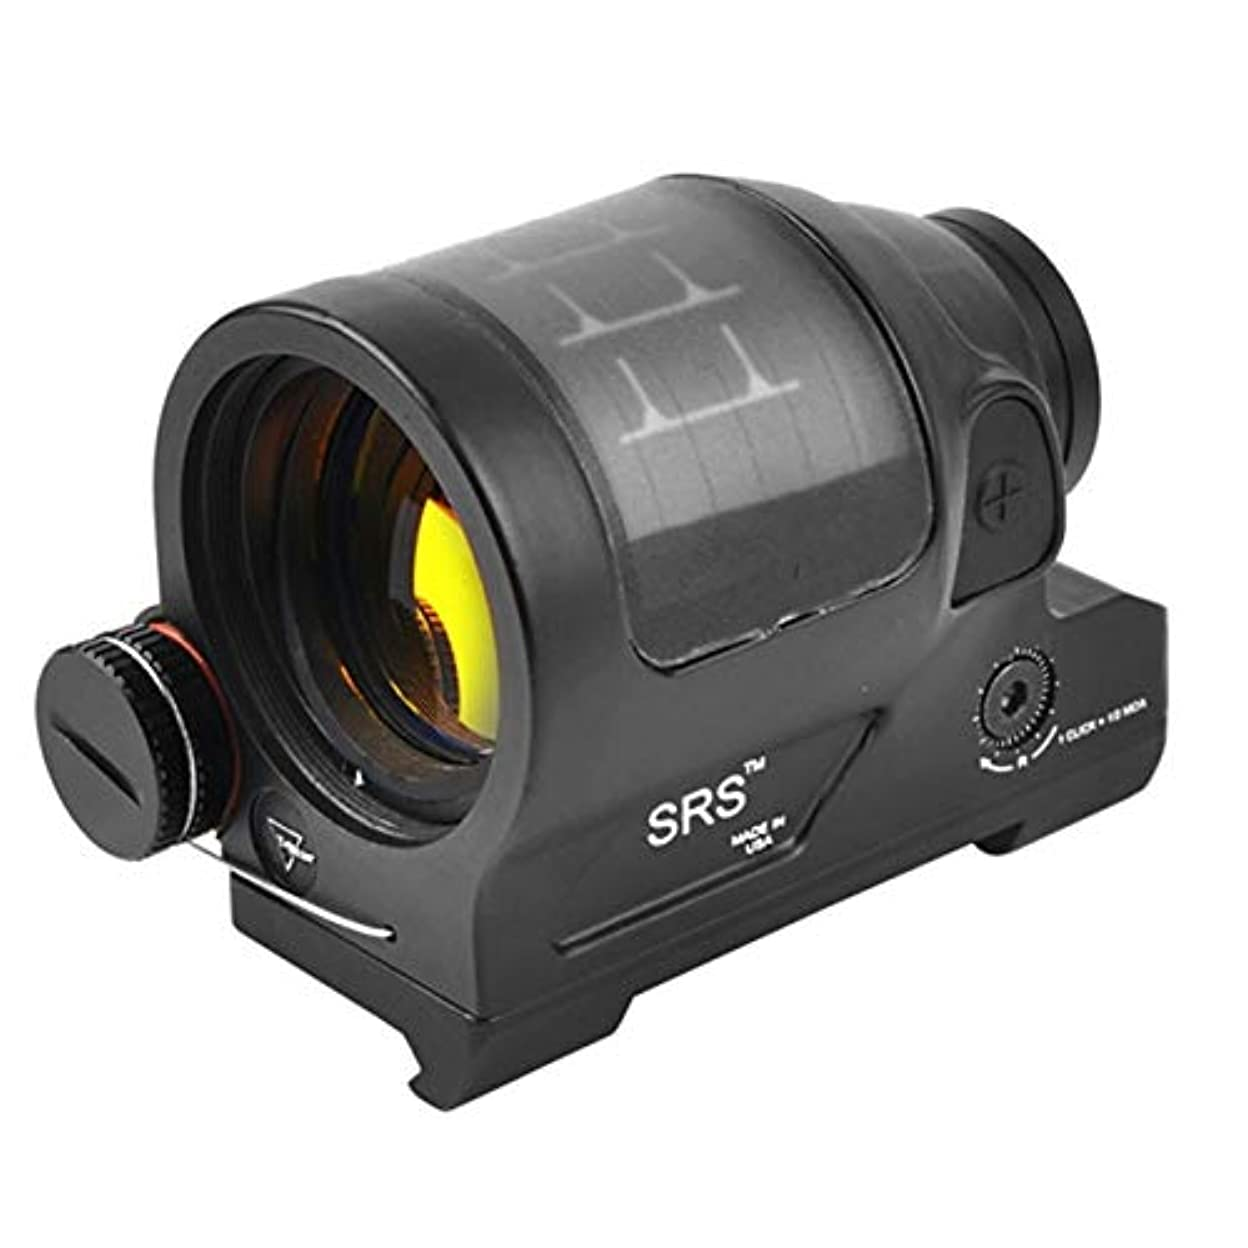 子羊ディスク不屈DeeploveUU 戦術的な1×38赤ドットスコープSrsソーラーパワー赤ドットサイト反射視力コリメーター視力狩猟スコープ